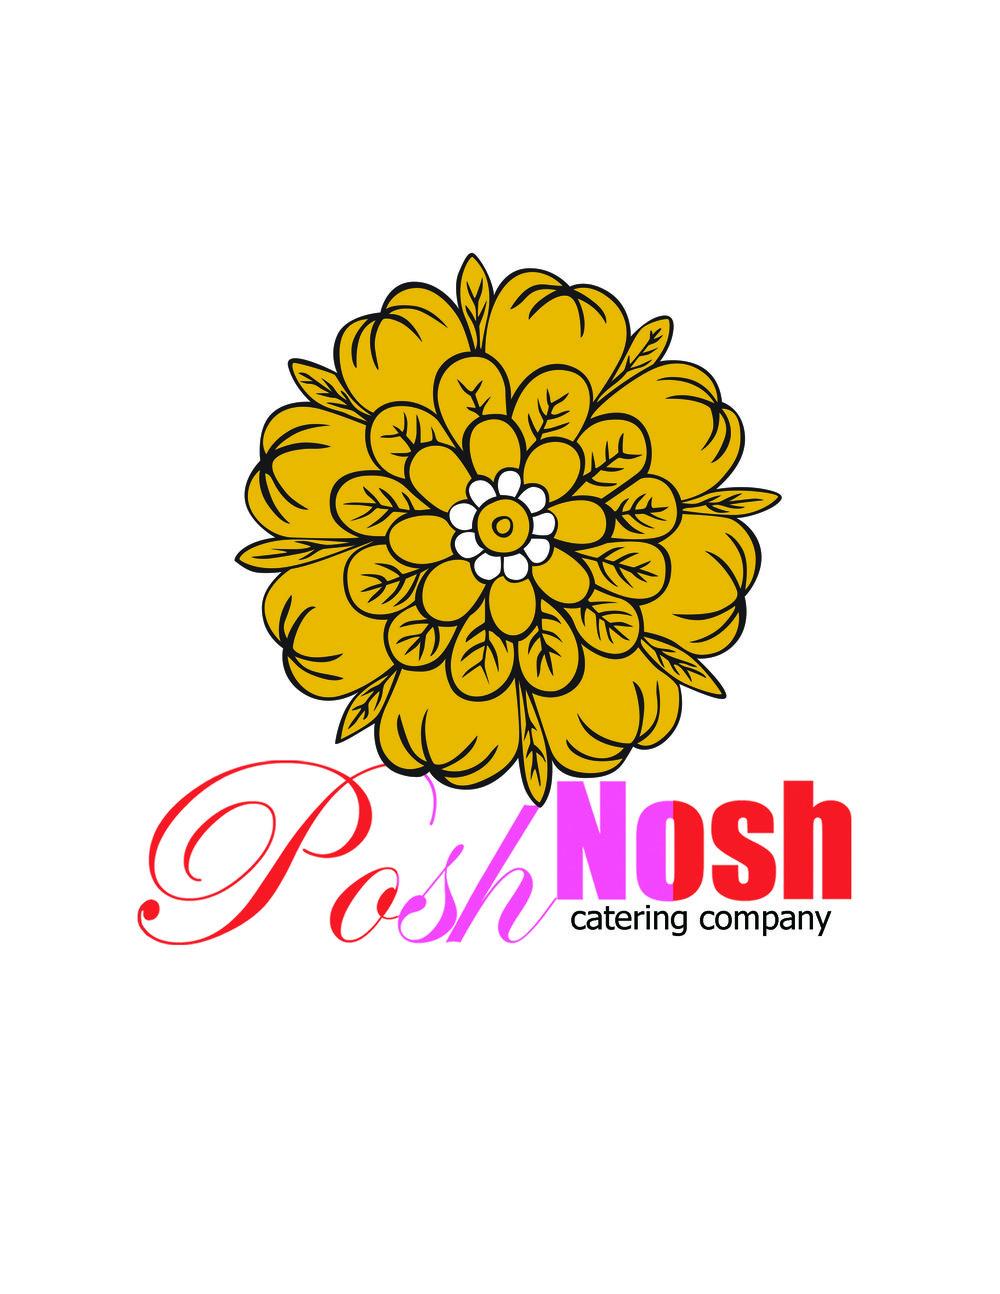 PoshNoshLogo2015.jpg